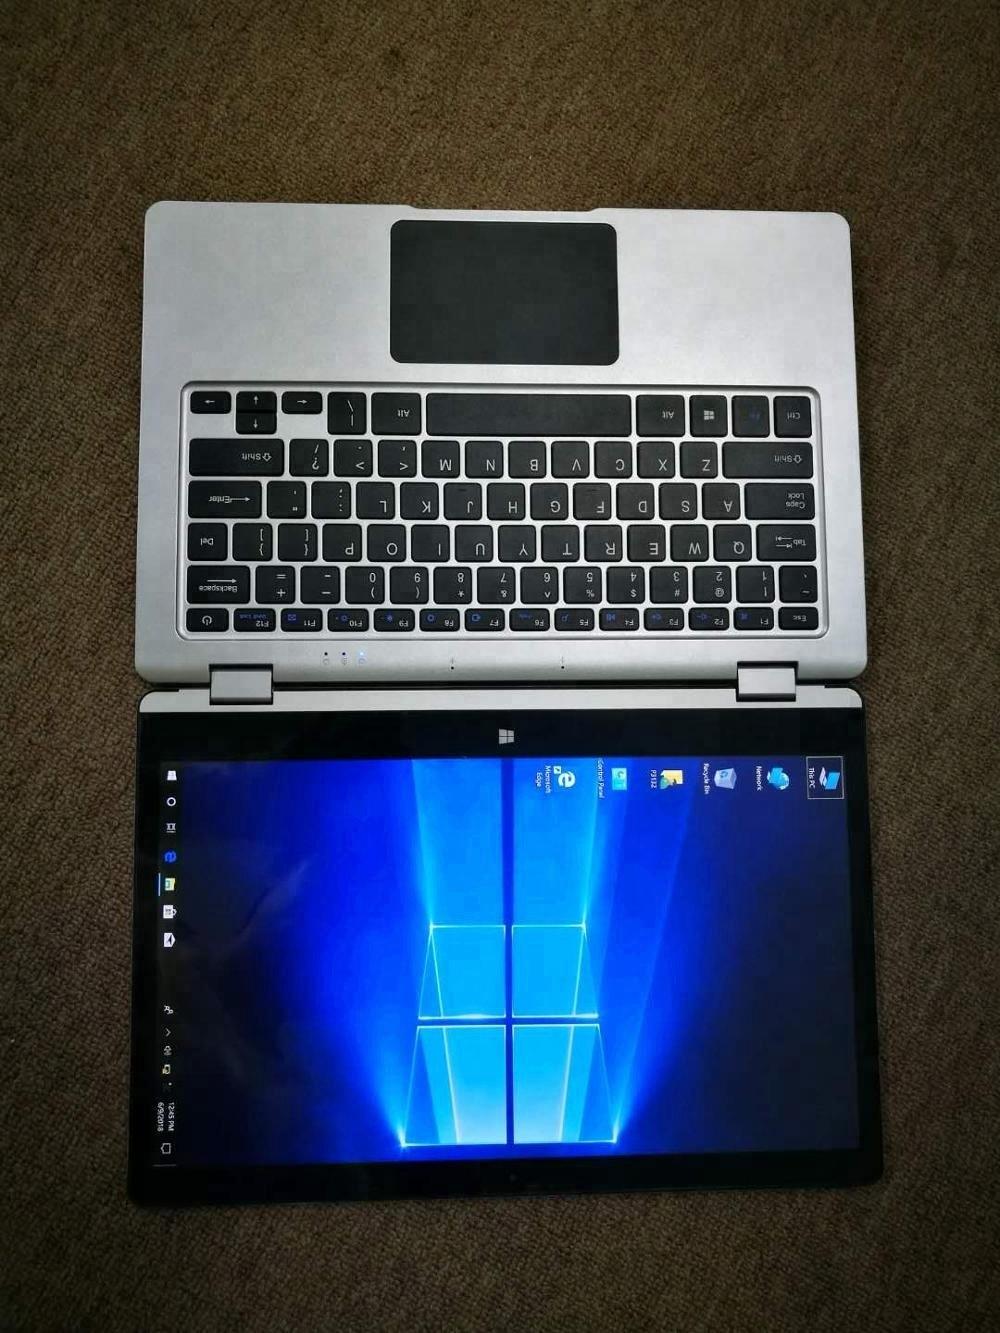 Прямая поставка с фабрики, недорогой ноутбук высокого качества, 13,3 дюйма, ноутбук, компьютер, ПК